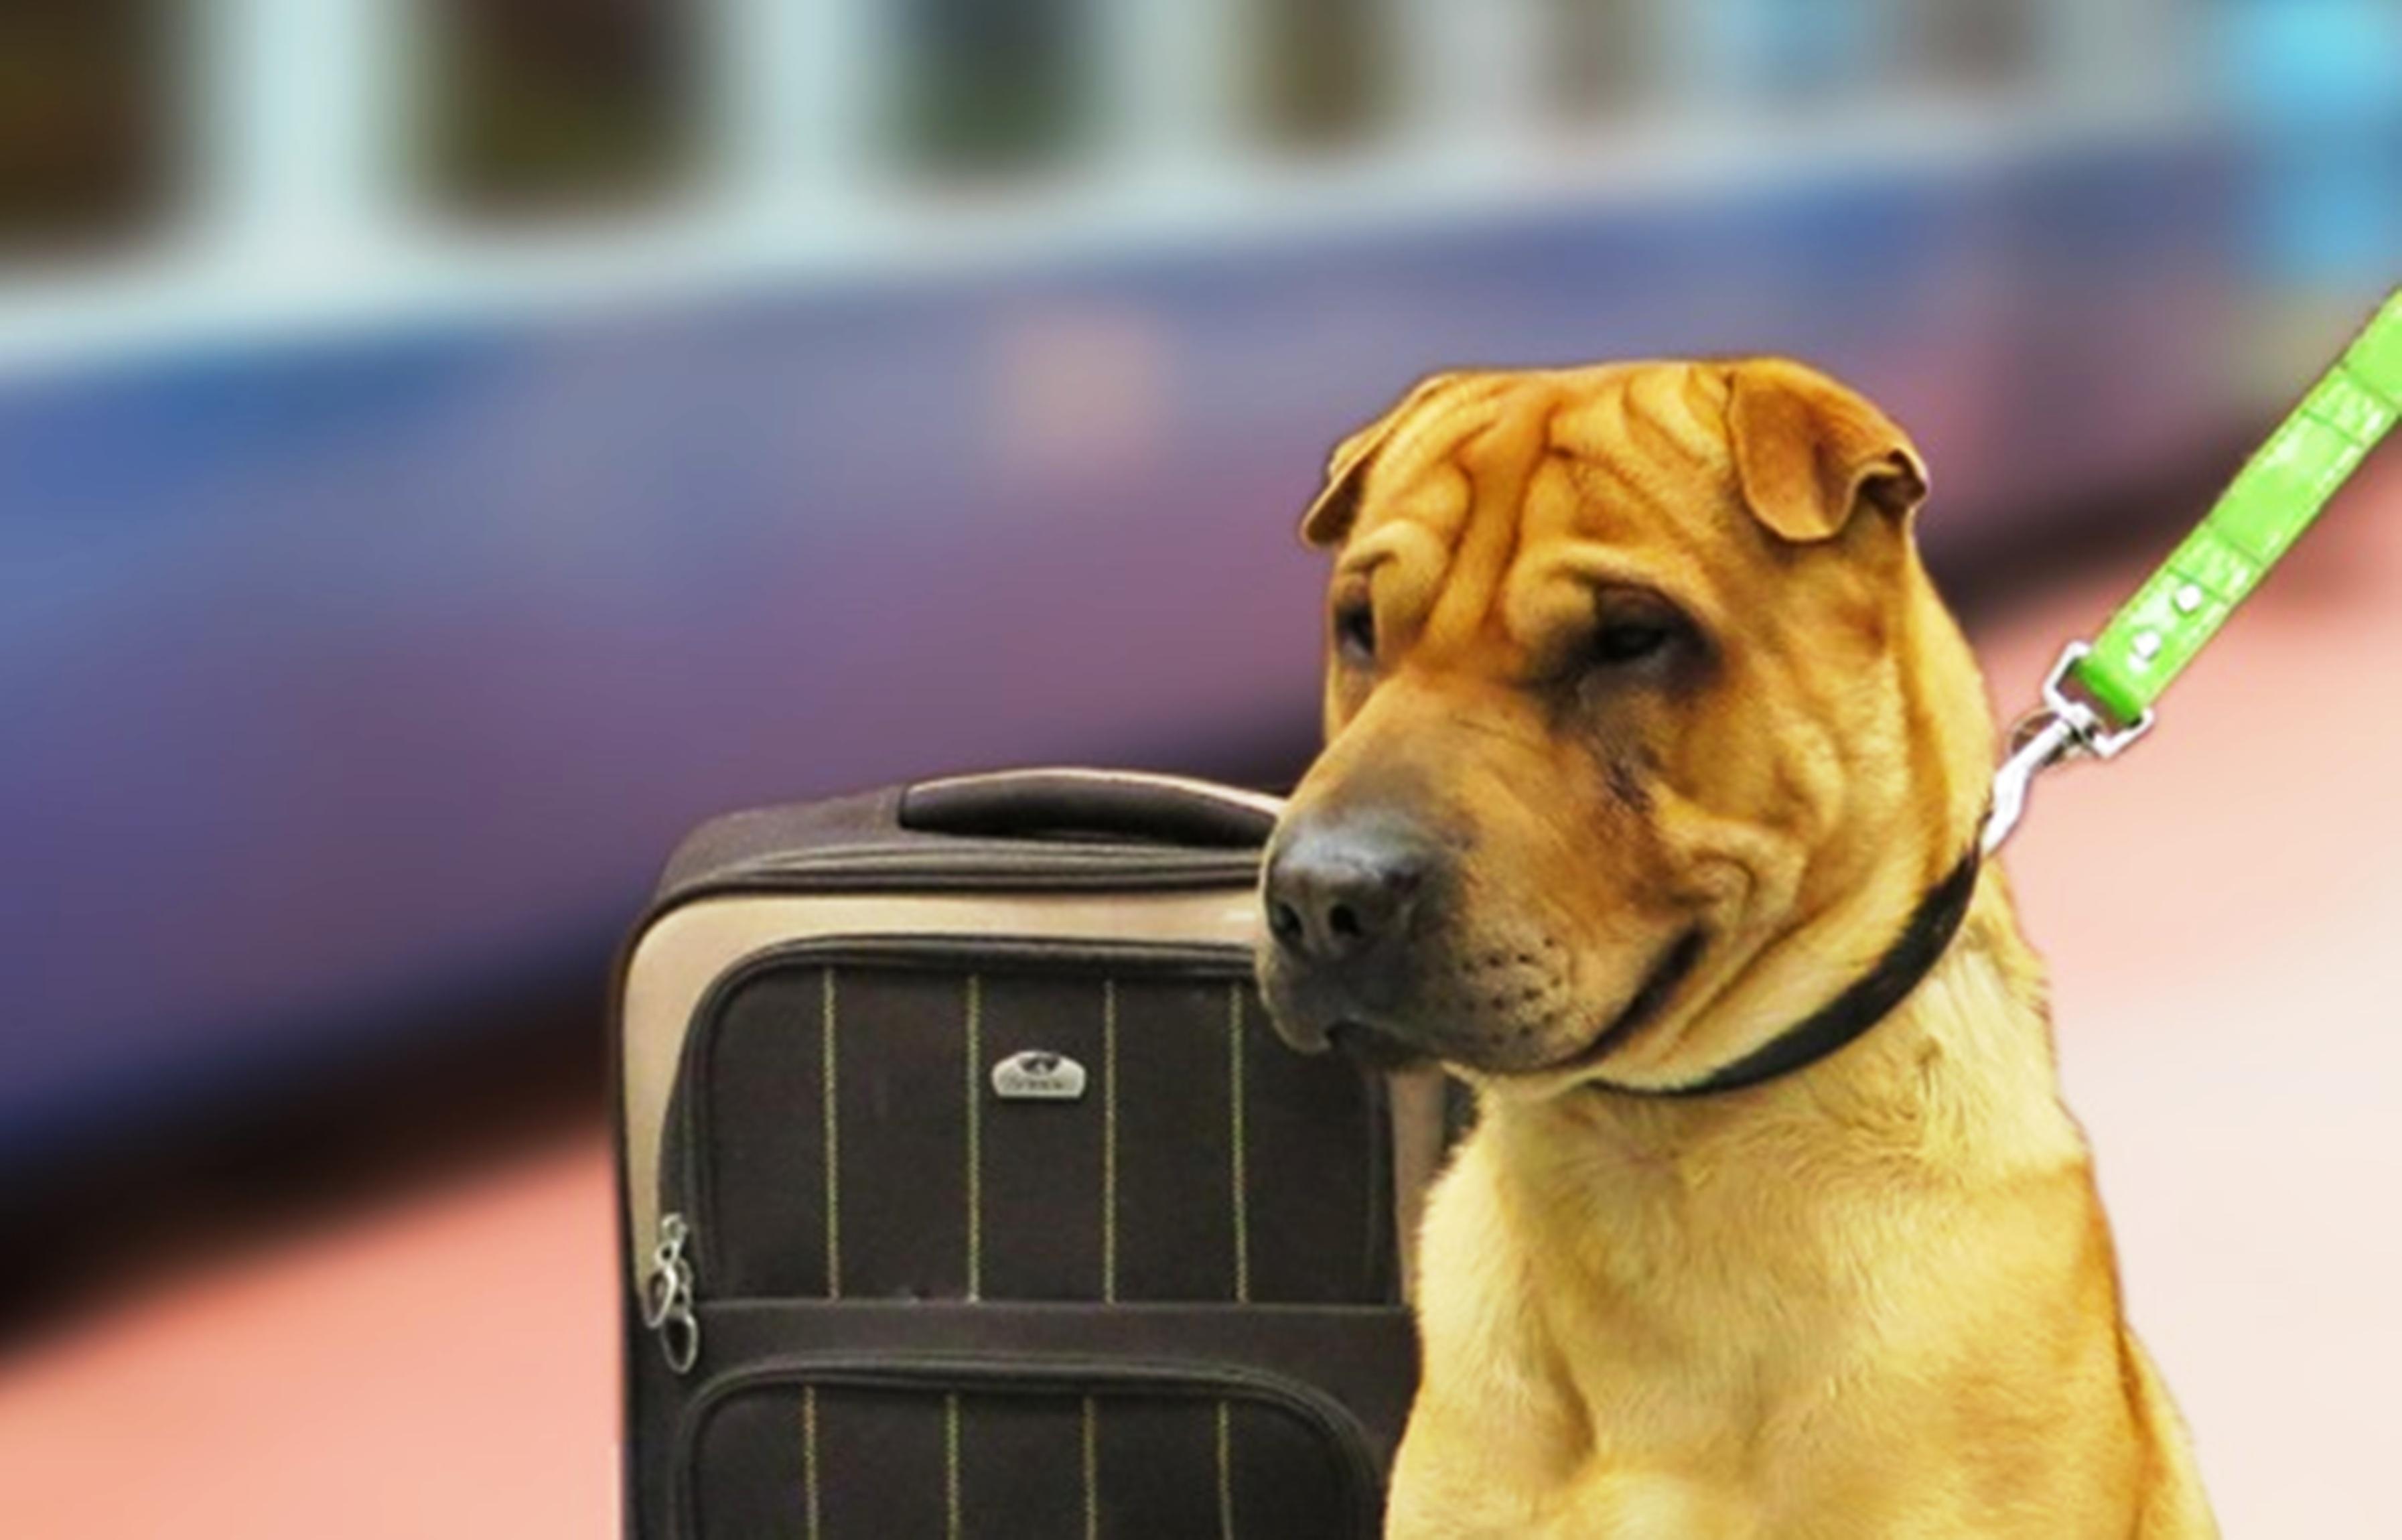 ट्रेन के एसी कोच में कुत्ते कर रहे बिना टिकट के यात्रा